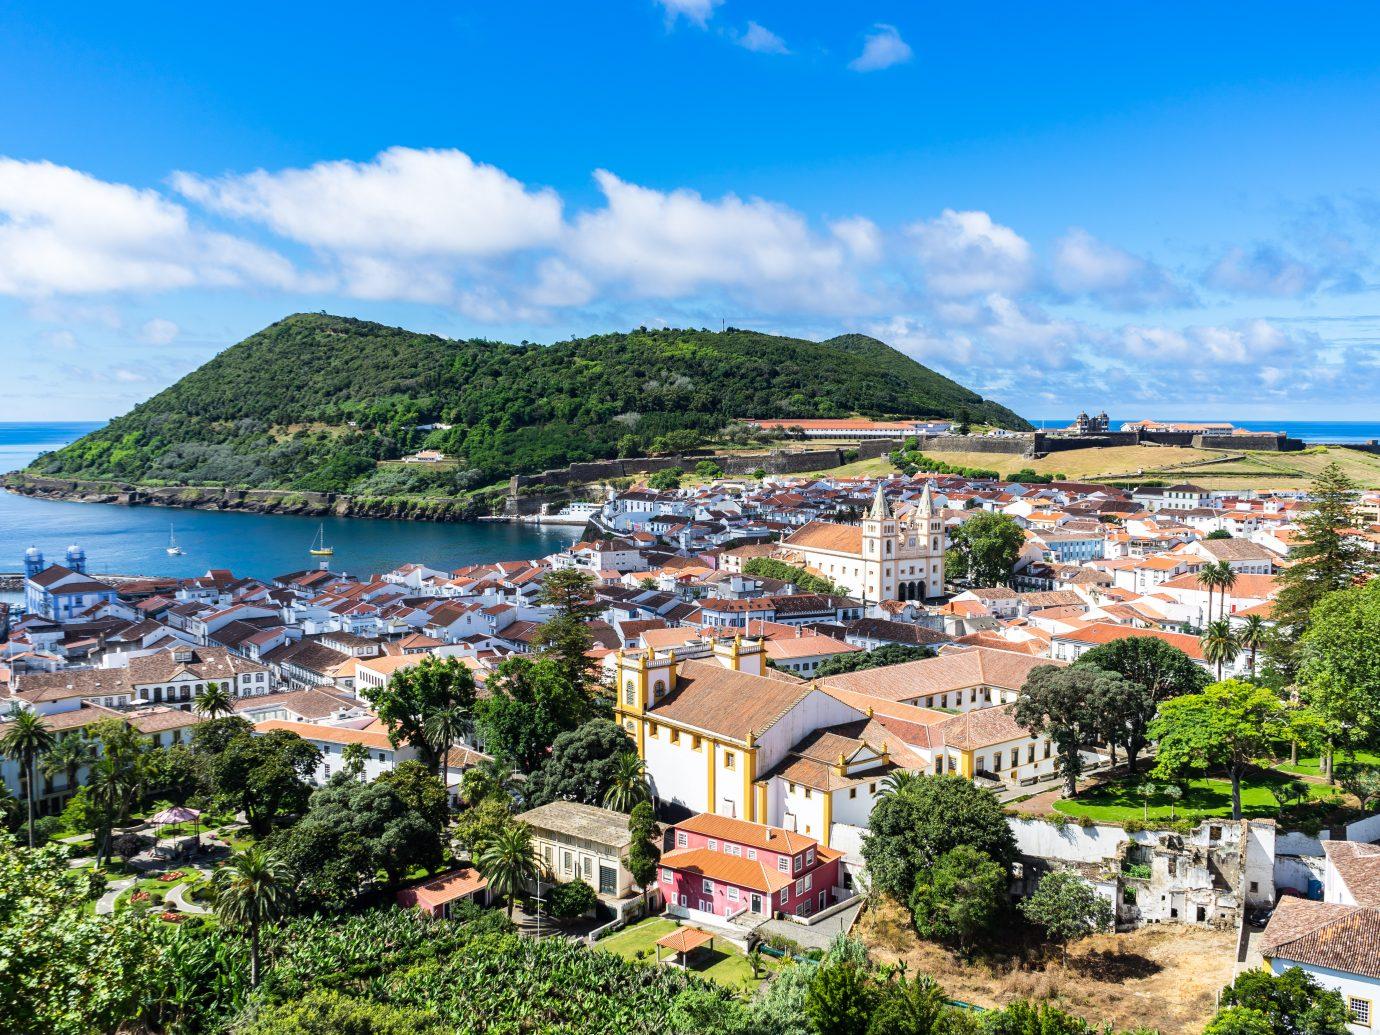 Sunny view of Angra do Heroismo from Alto da Memoria, Azores, Portugal